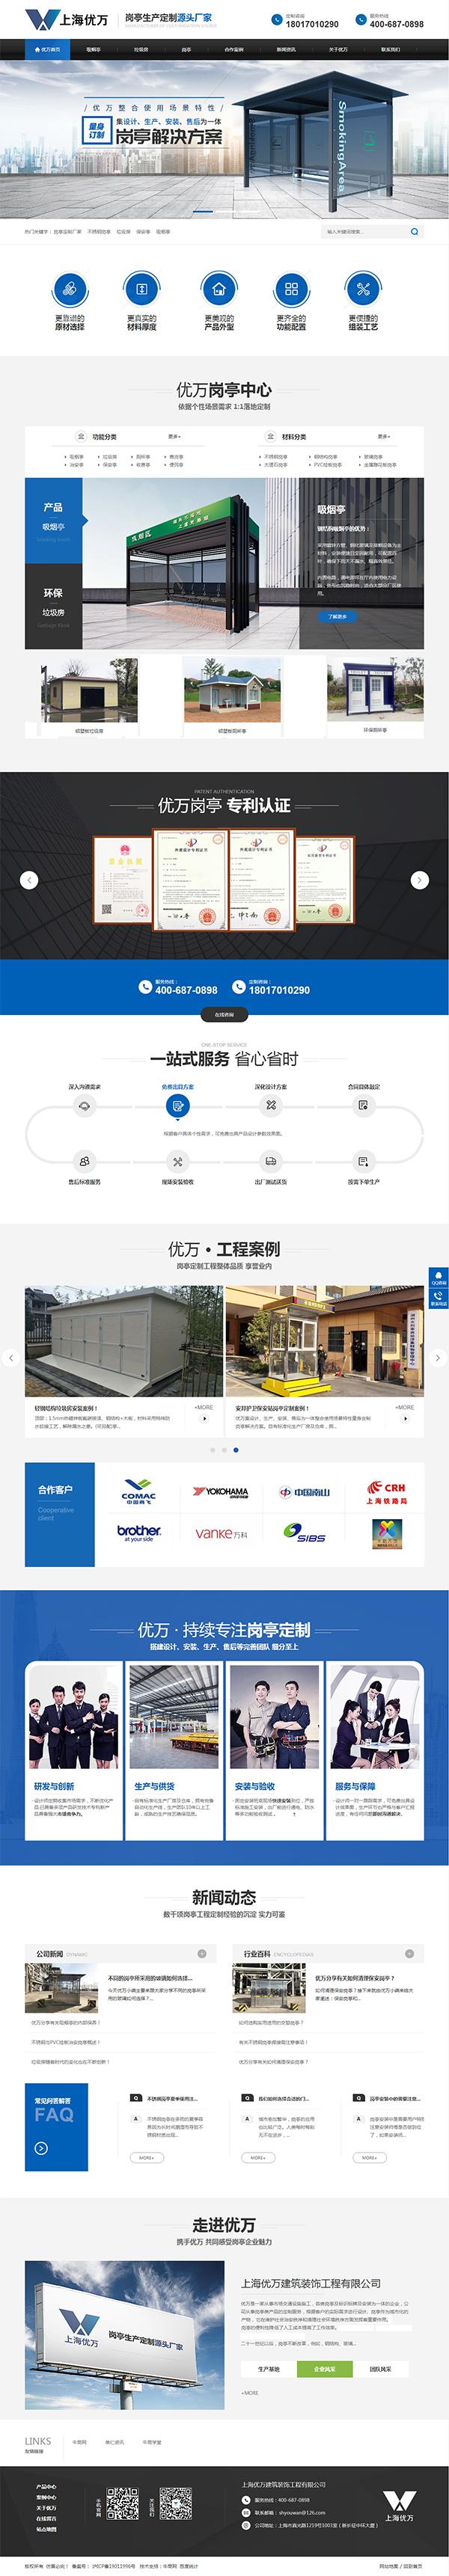 优万建筑装饰工程-营销型网站首页截图